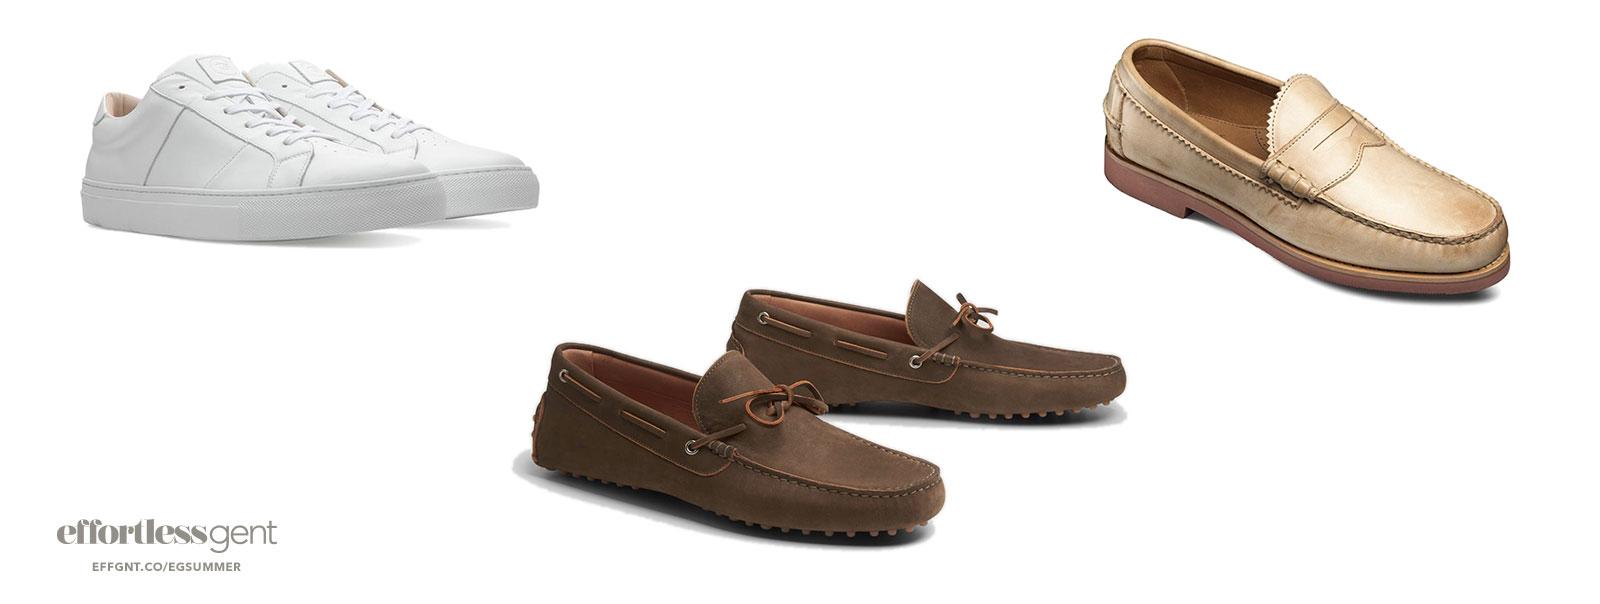 shoes - summer clothes for men - effortless gent